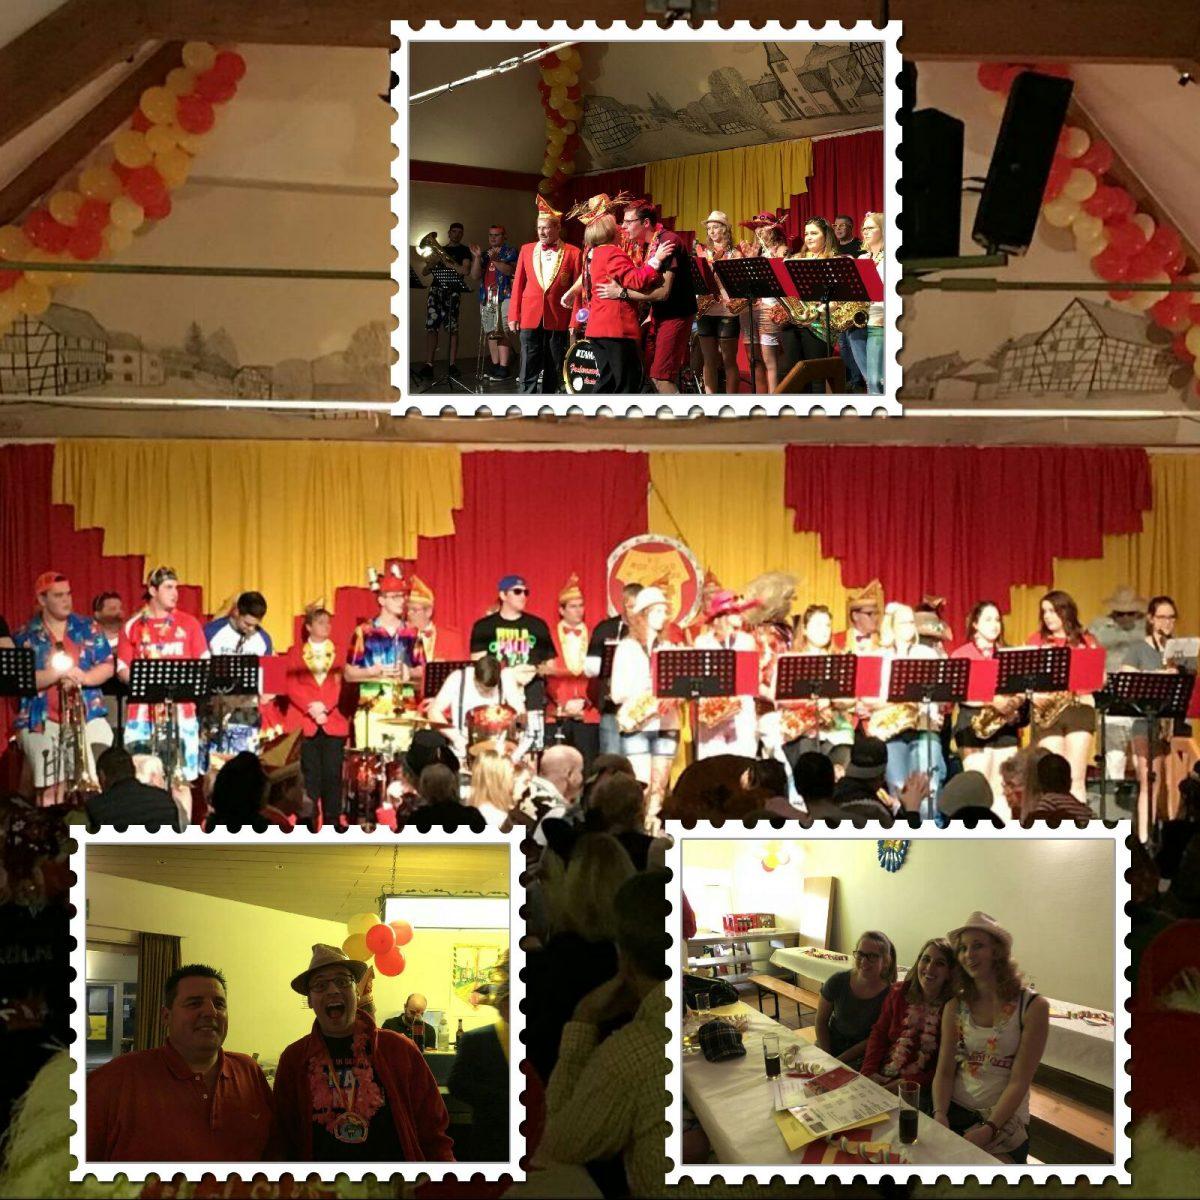 Prunksitzung und Ordensfest 2017/2018 unserer Karnevalsfreunde KG Rot-Gold Niederbachem